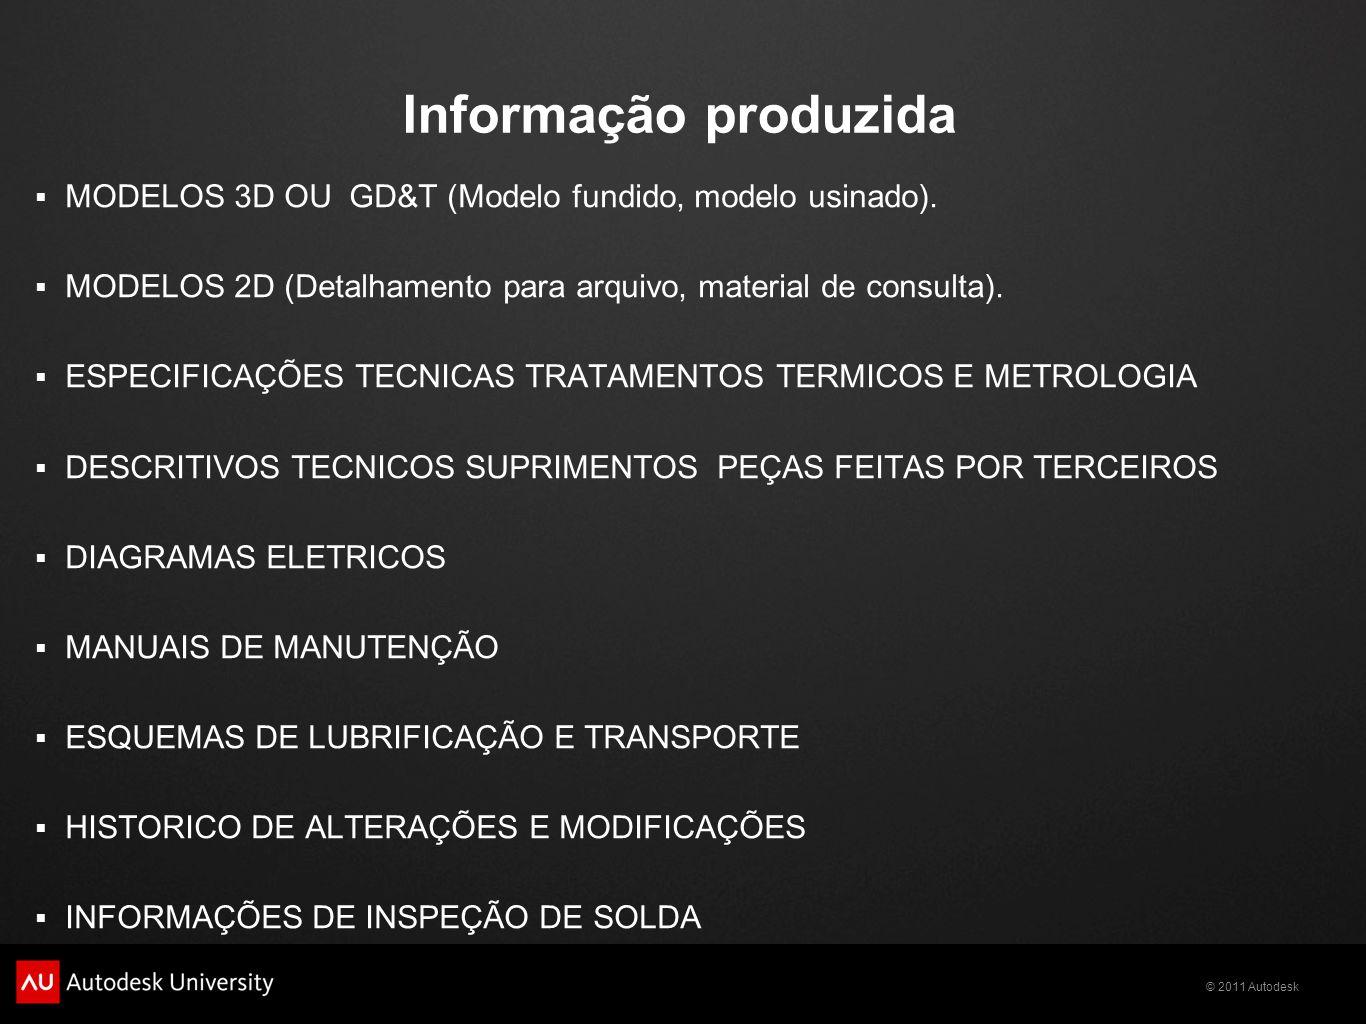 © 2011 Autodesk Informação produzida MODELOS 3D OU GD&T (Modelo fundido, modelo usinado). MODELOS 2D (Detalhamento para arquivo, material de consulta)